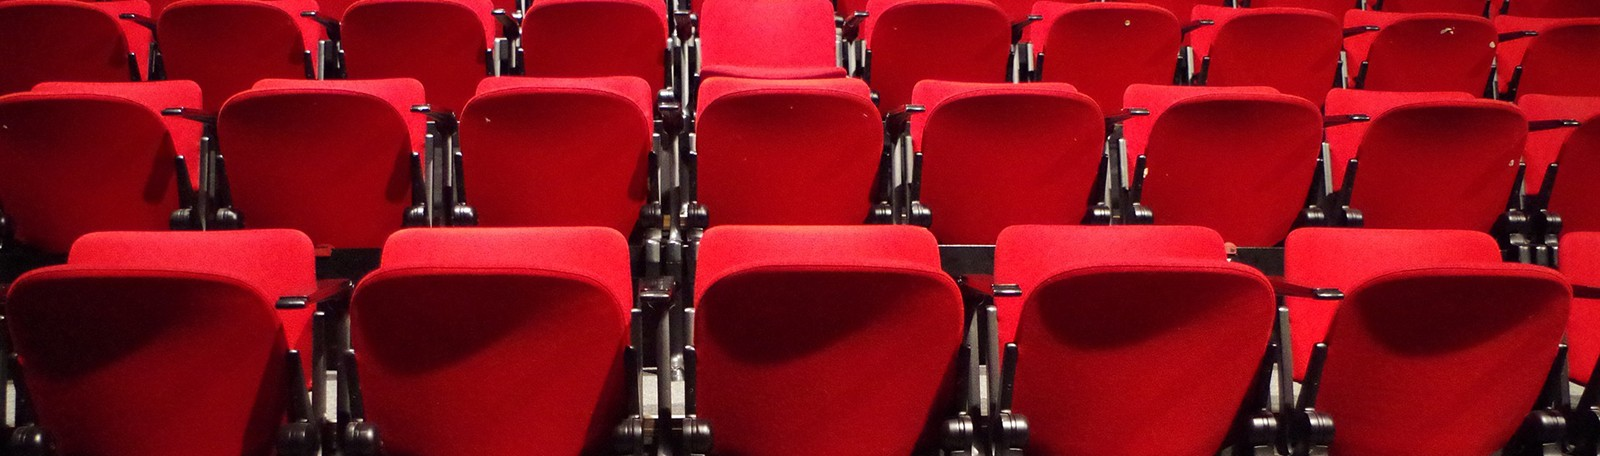 Car Park Toulon Porte d'Italie theater